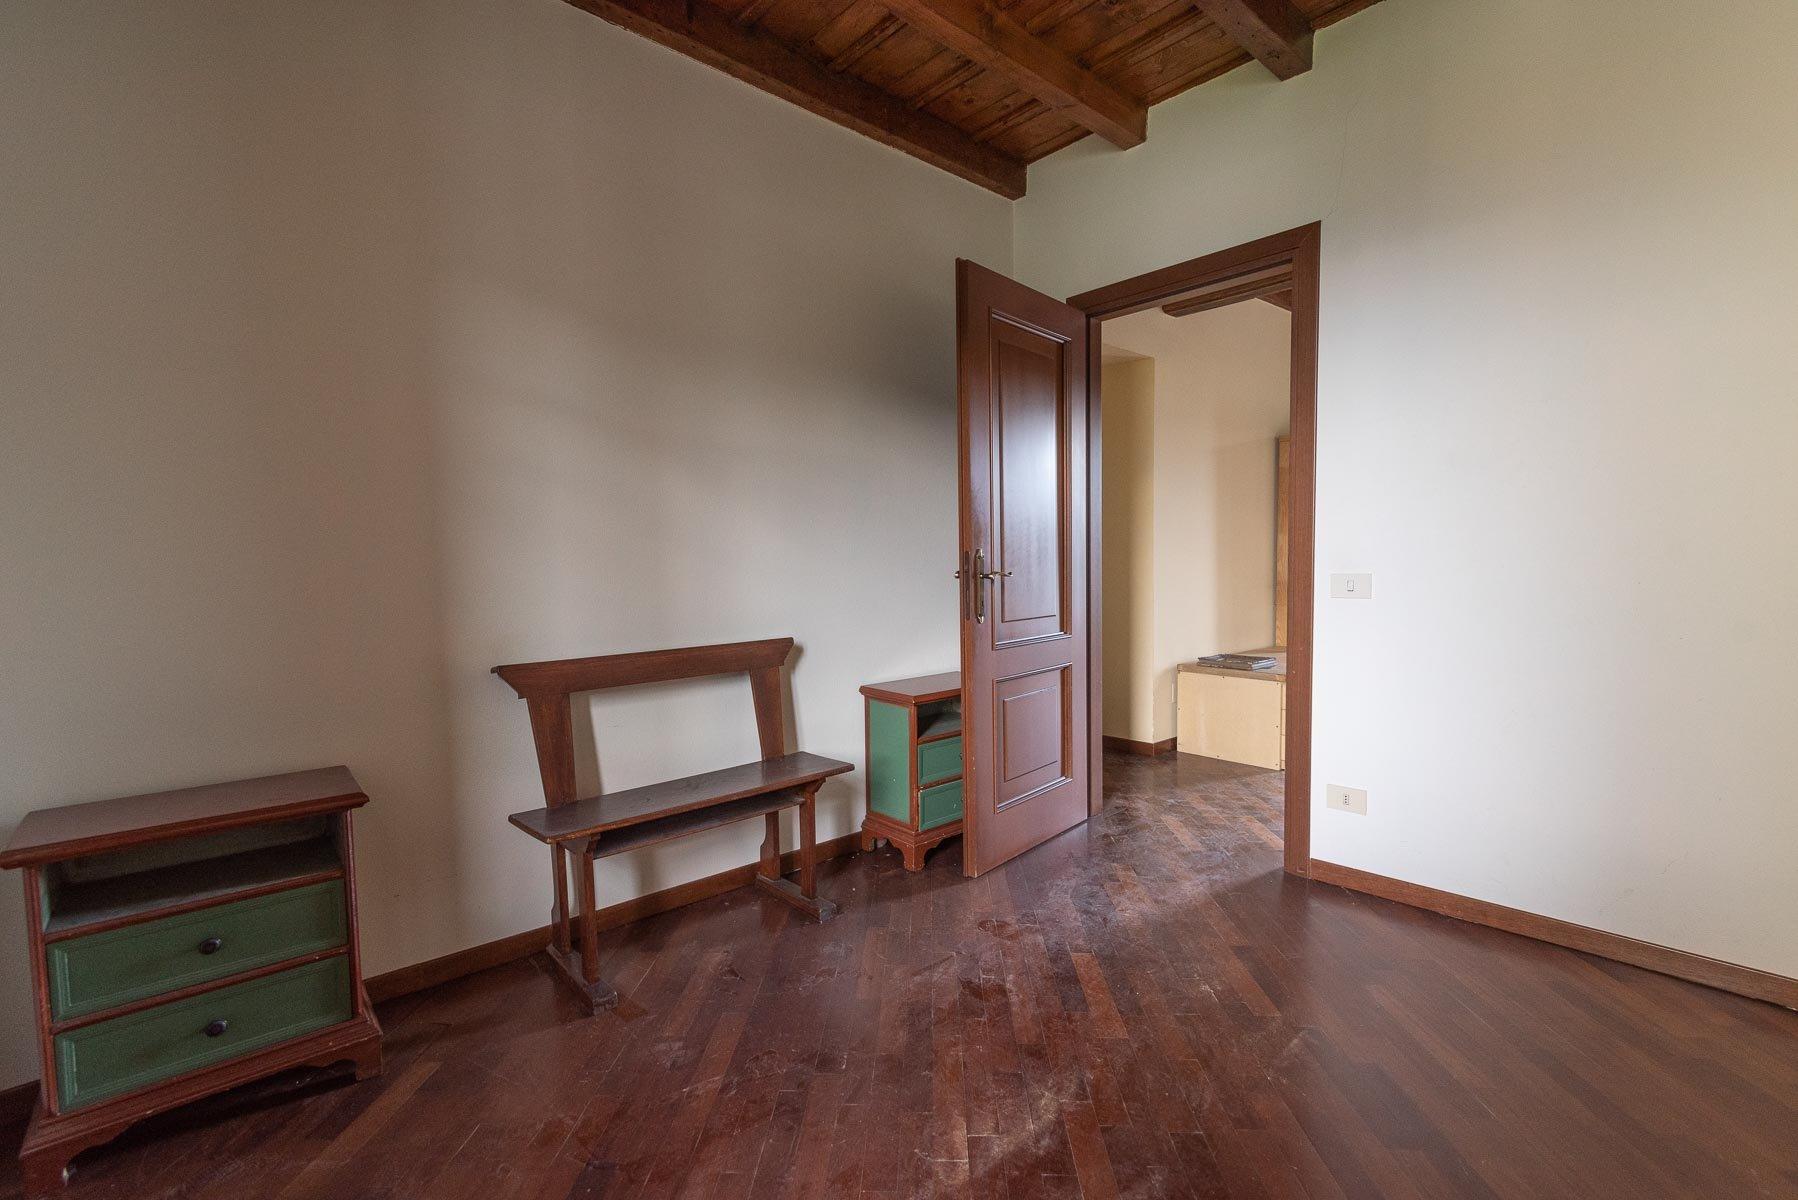 Apartment for sale in Pescatori island,Stresa-room